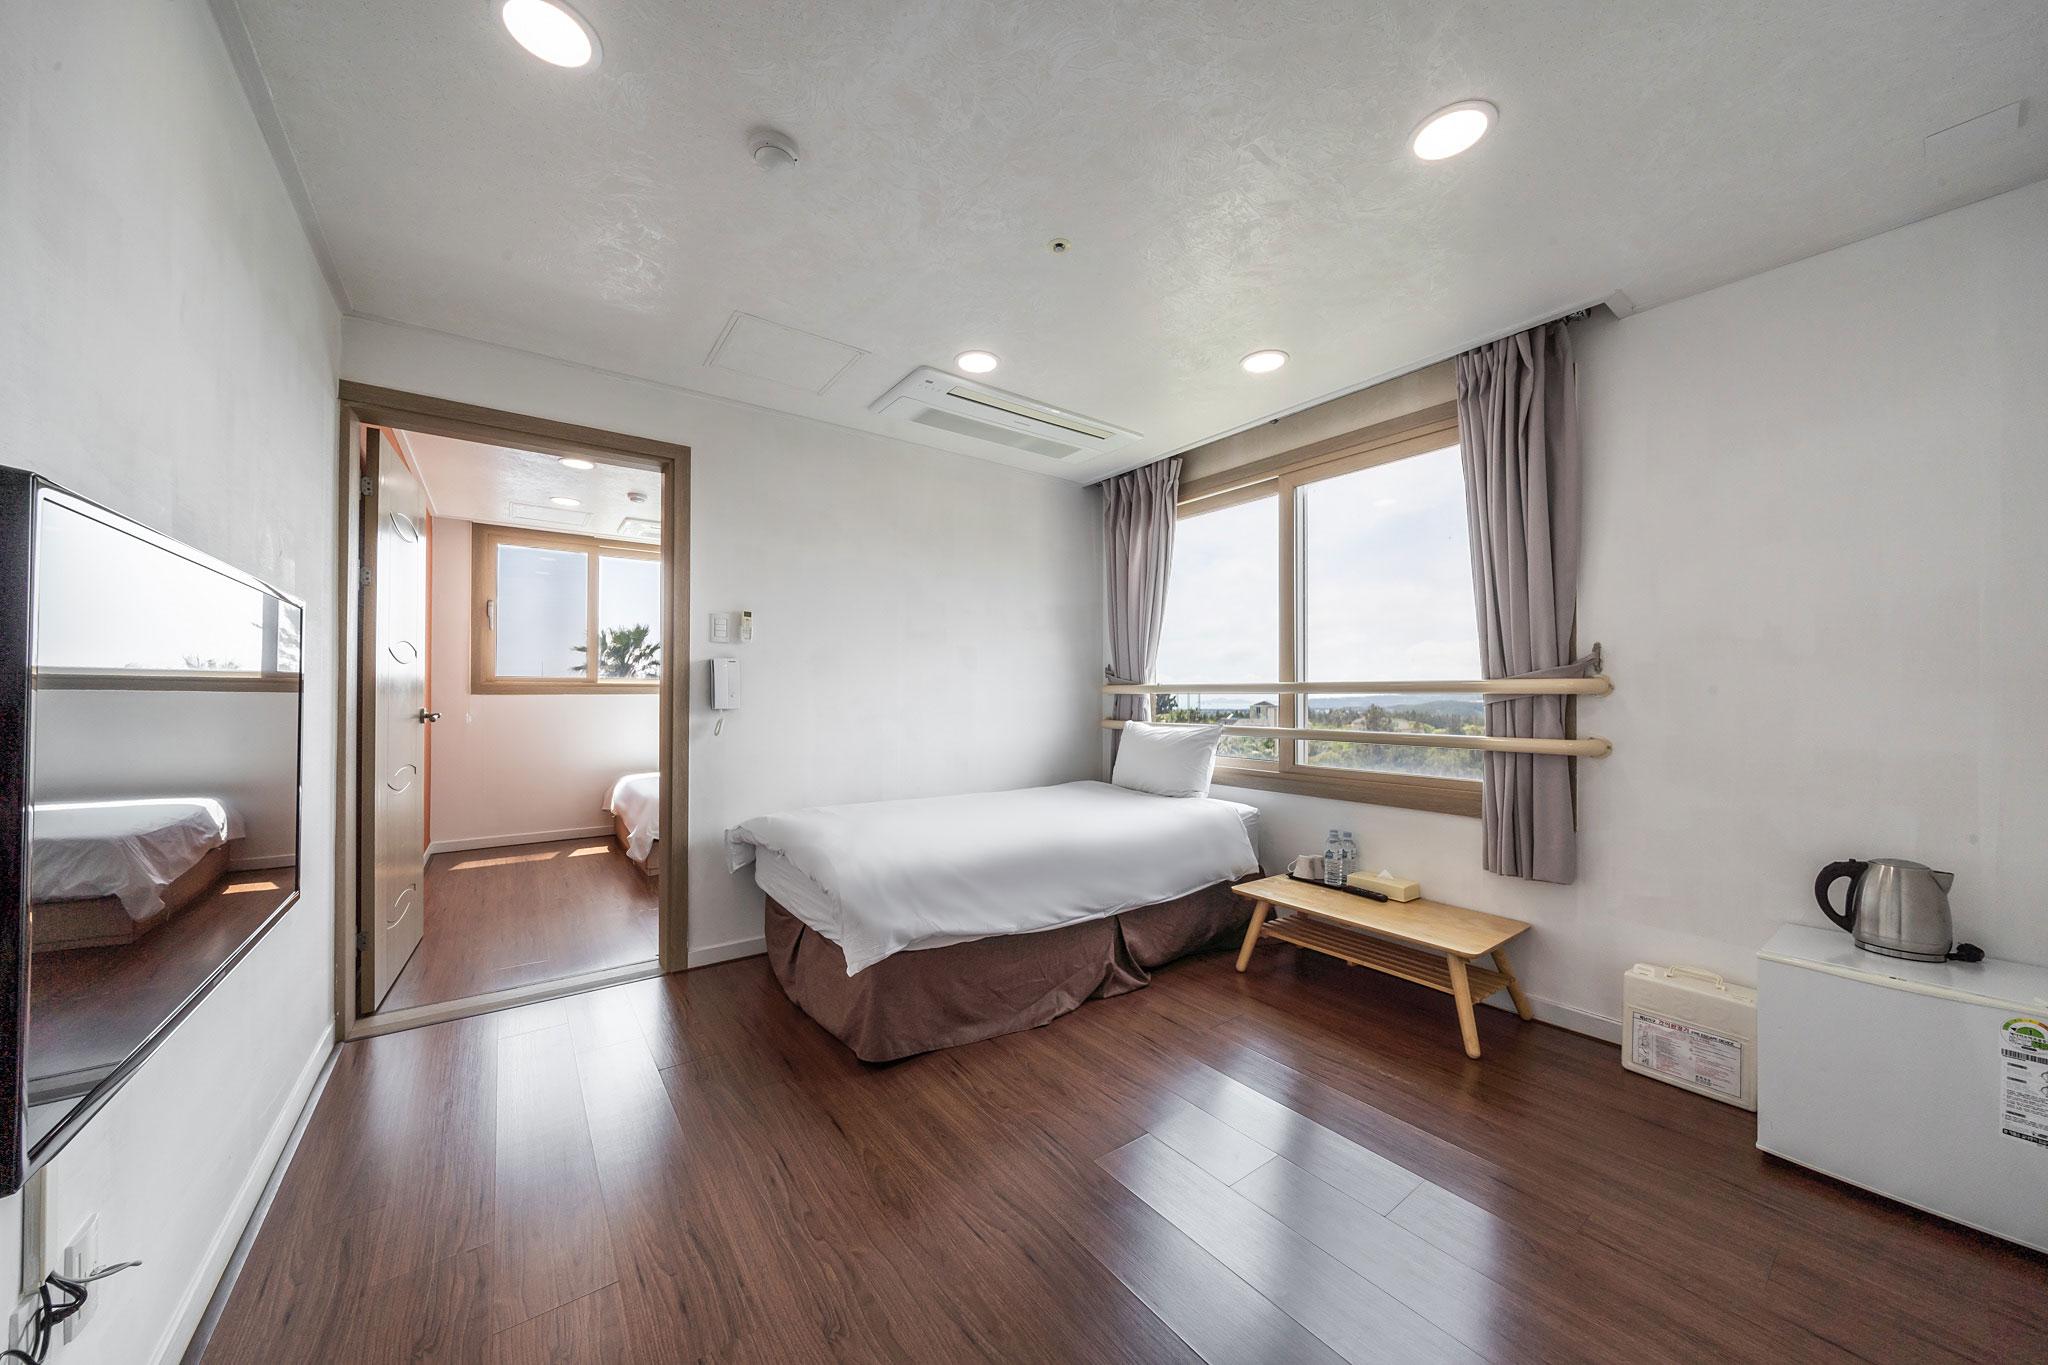 서귀포(중문) 중문 비치 호텔 썸네일2